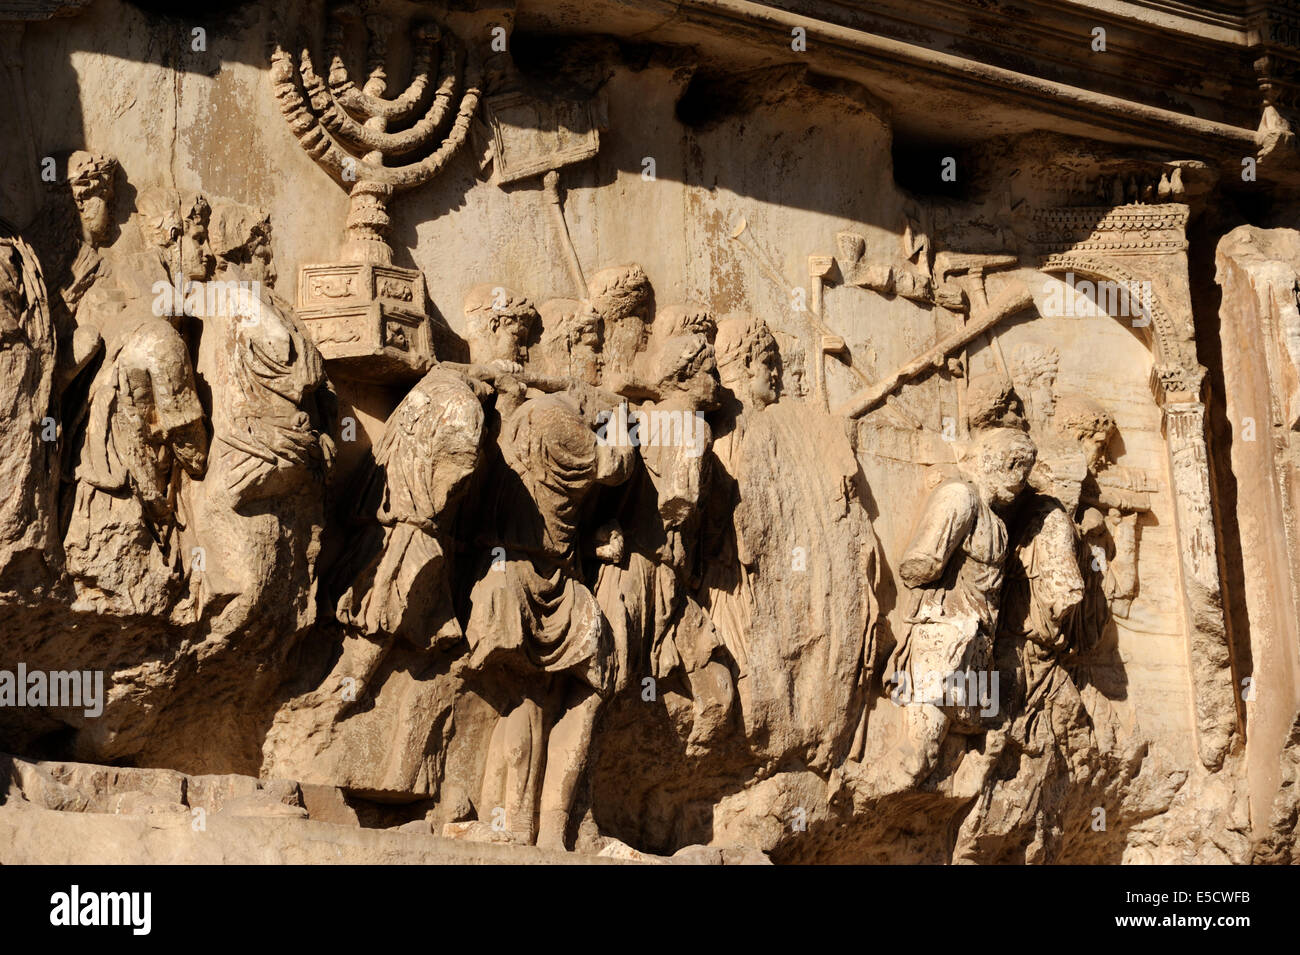 Italia, Roma, el foro romano, el arco de Tito, bajorrelieve Imagen De Stock